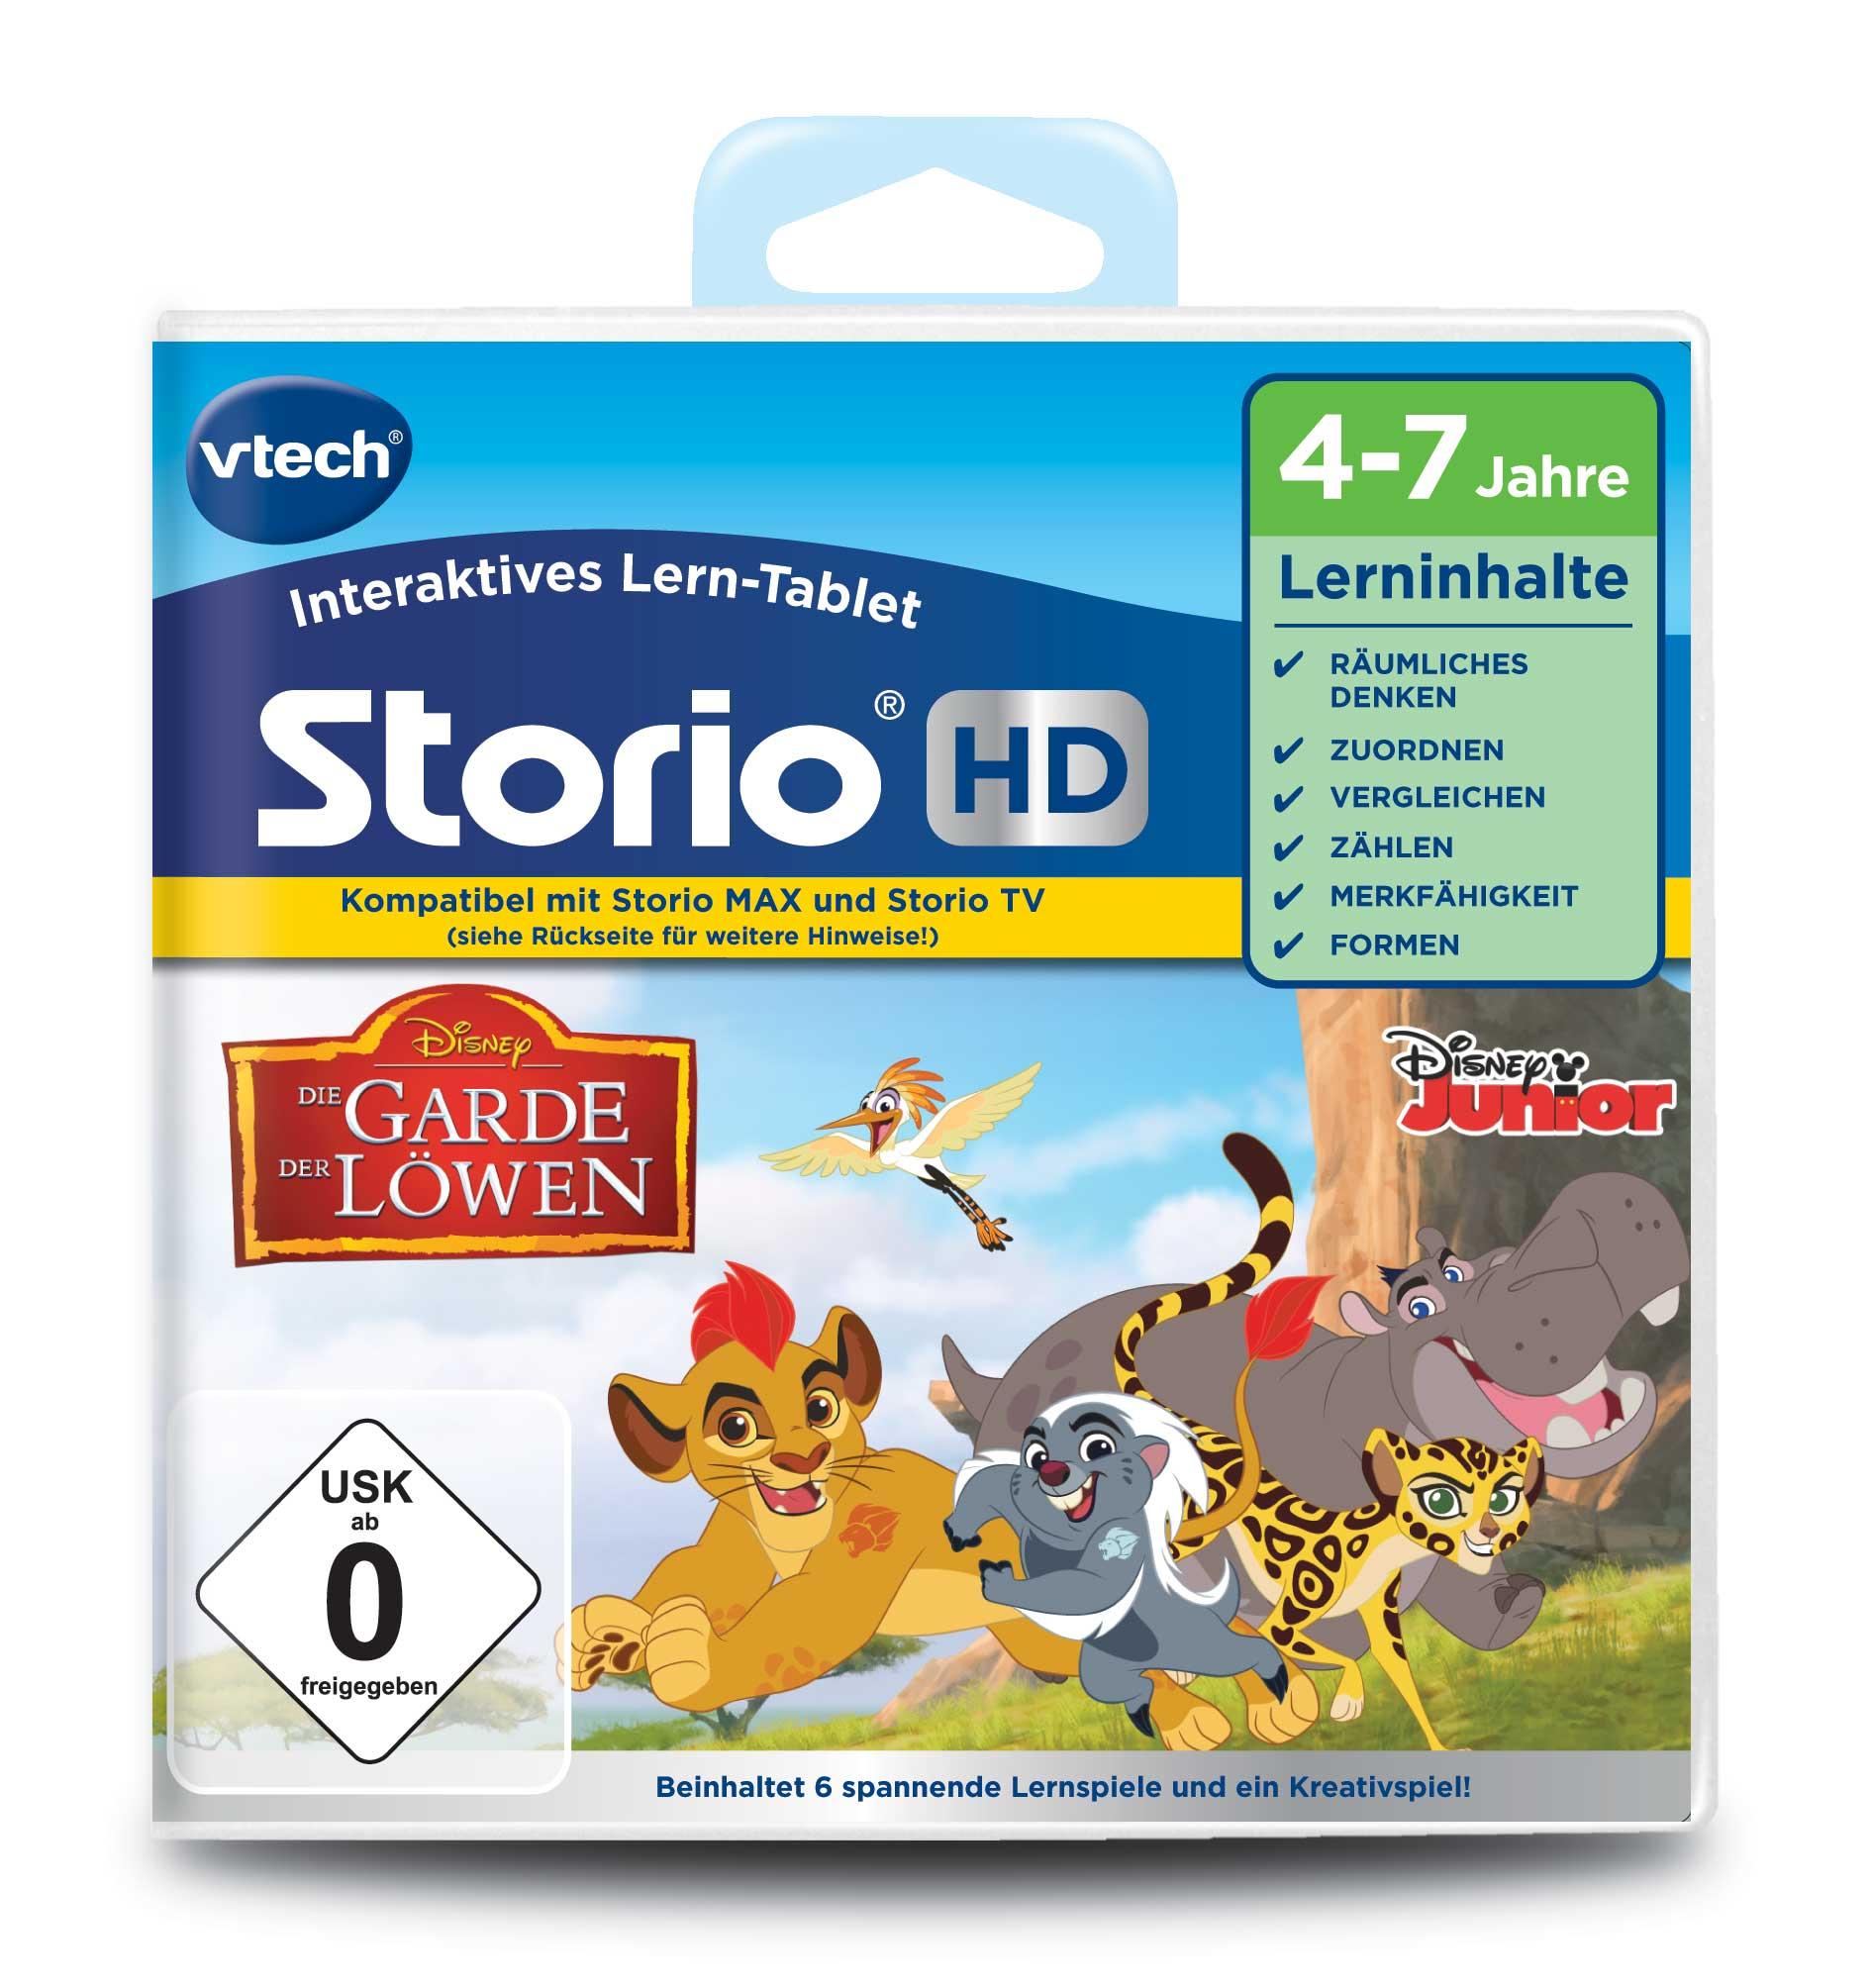 Vtech Storio Lernspiel Die Garde der Löwen HD